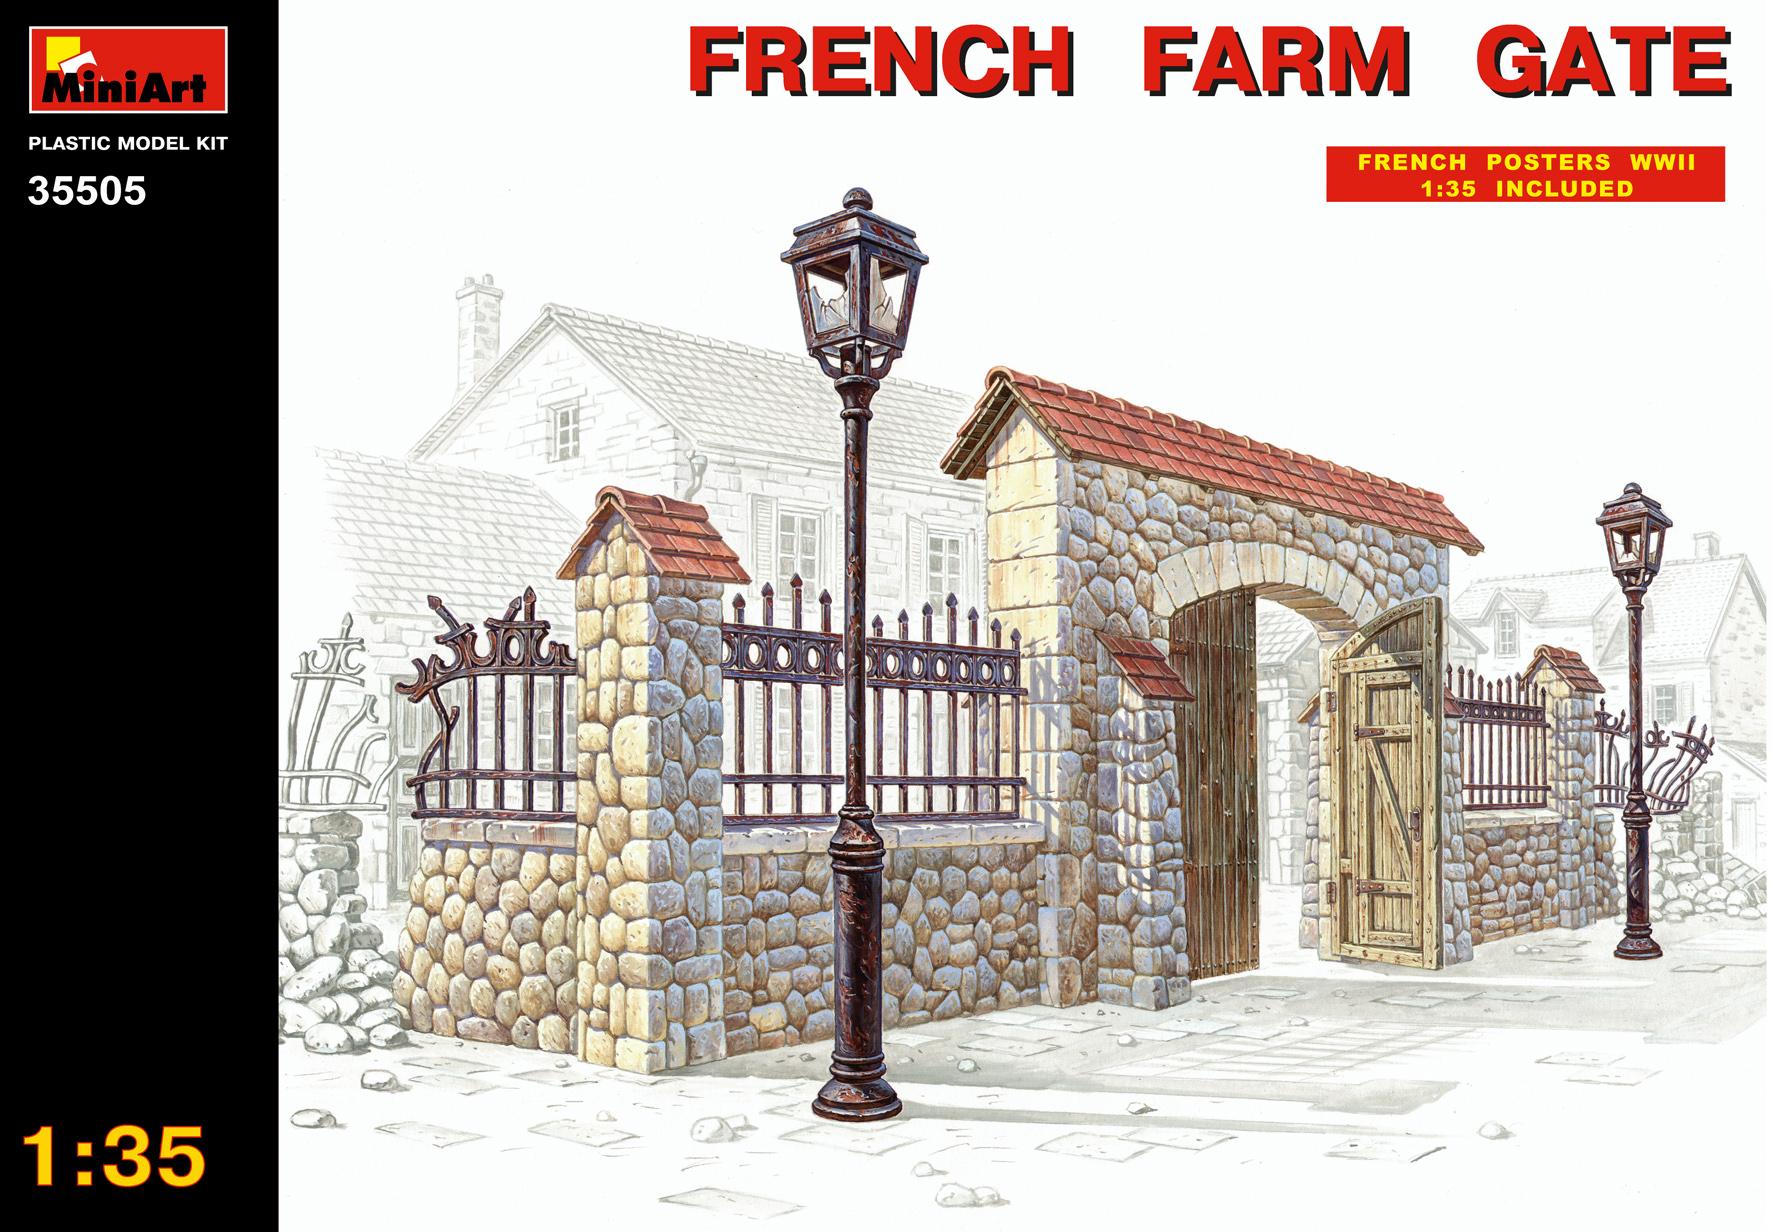 FRENCH FARM GATE